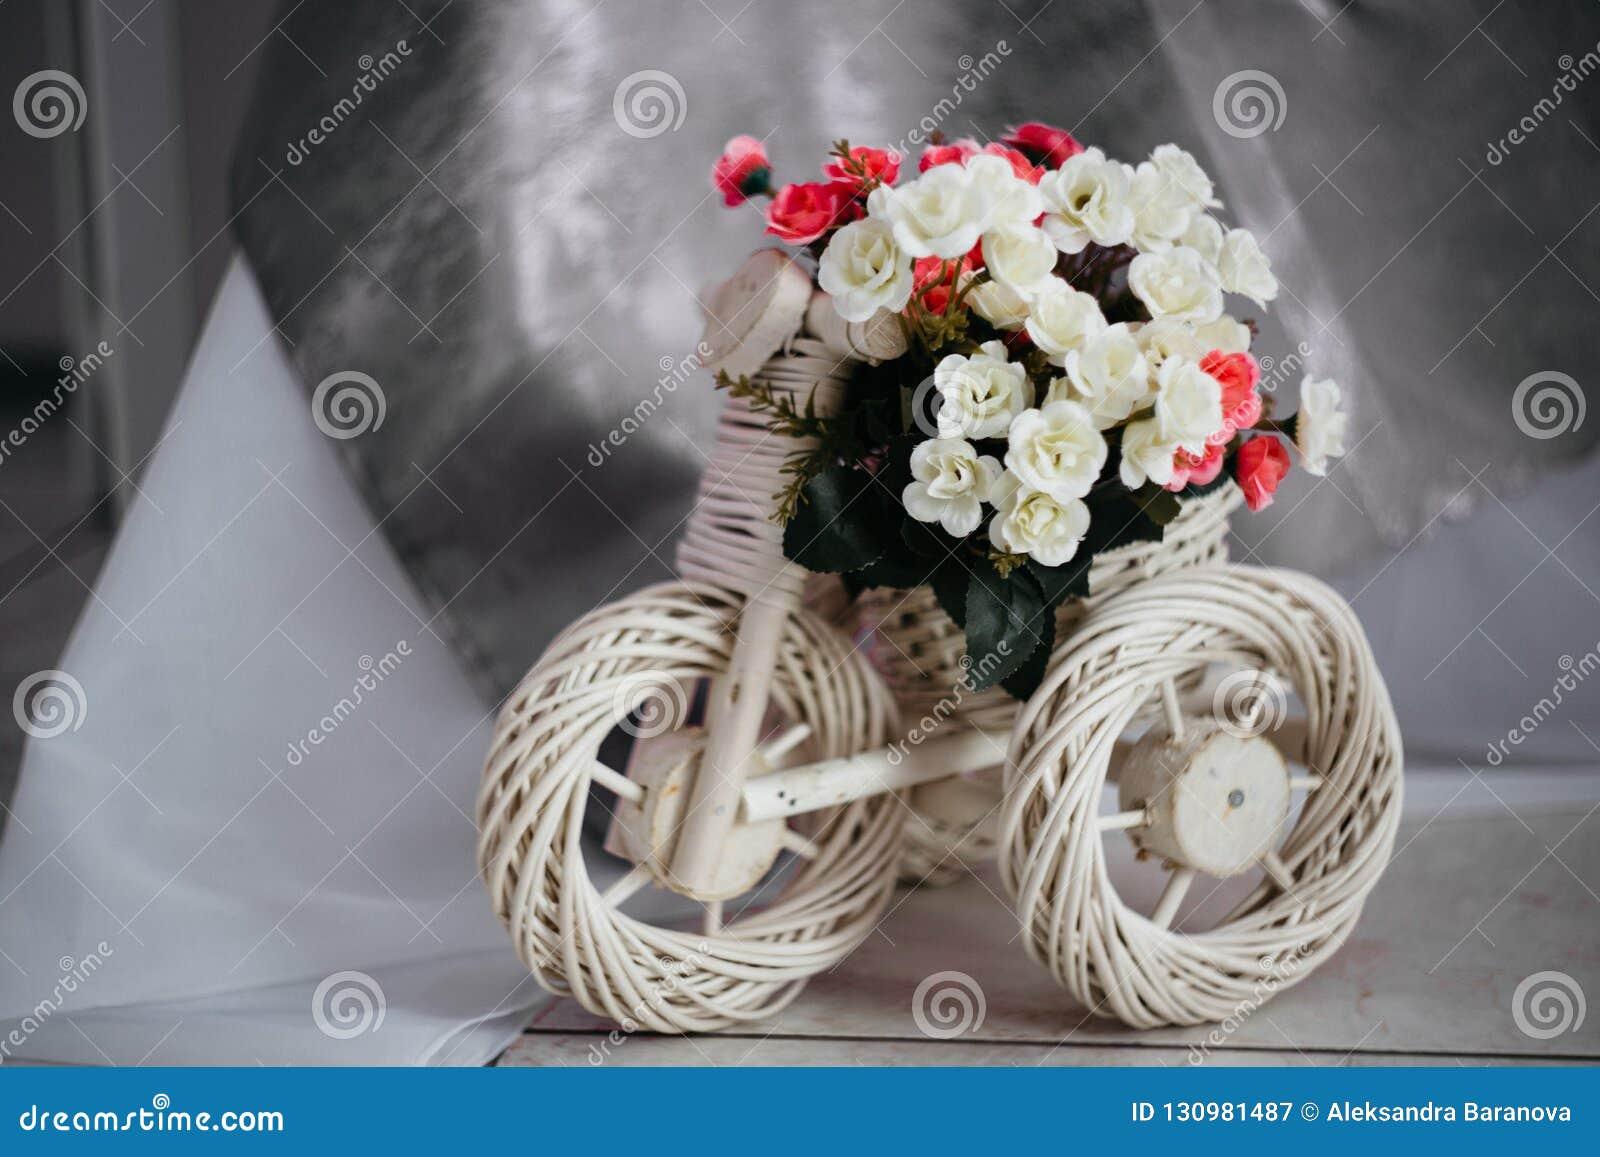 Москва, Россия - 06 10 2018: плетеная стойка для цветков в форме велосипеда, домашнего оформления, уютной комнаты, дизайна интерь